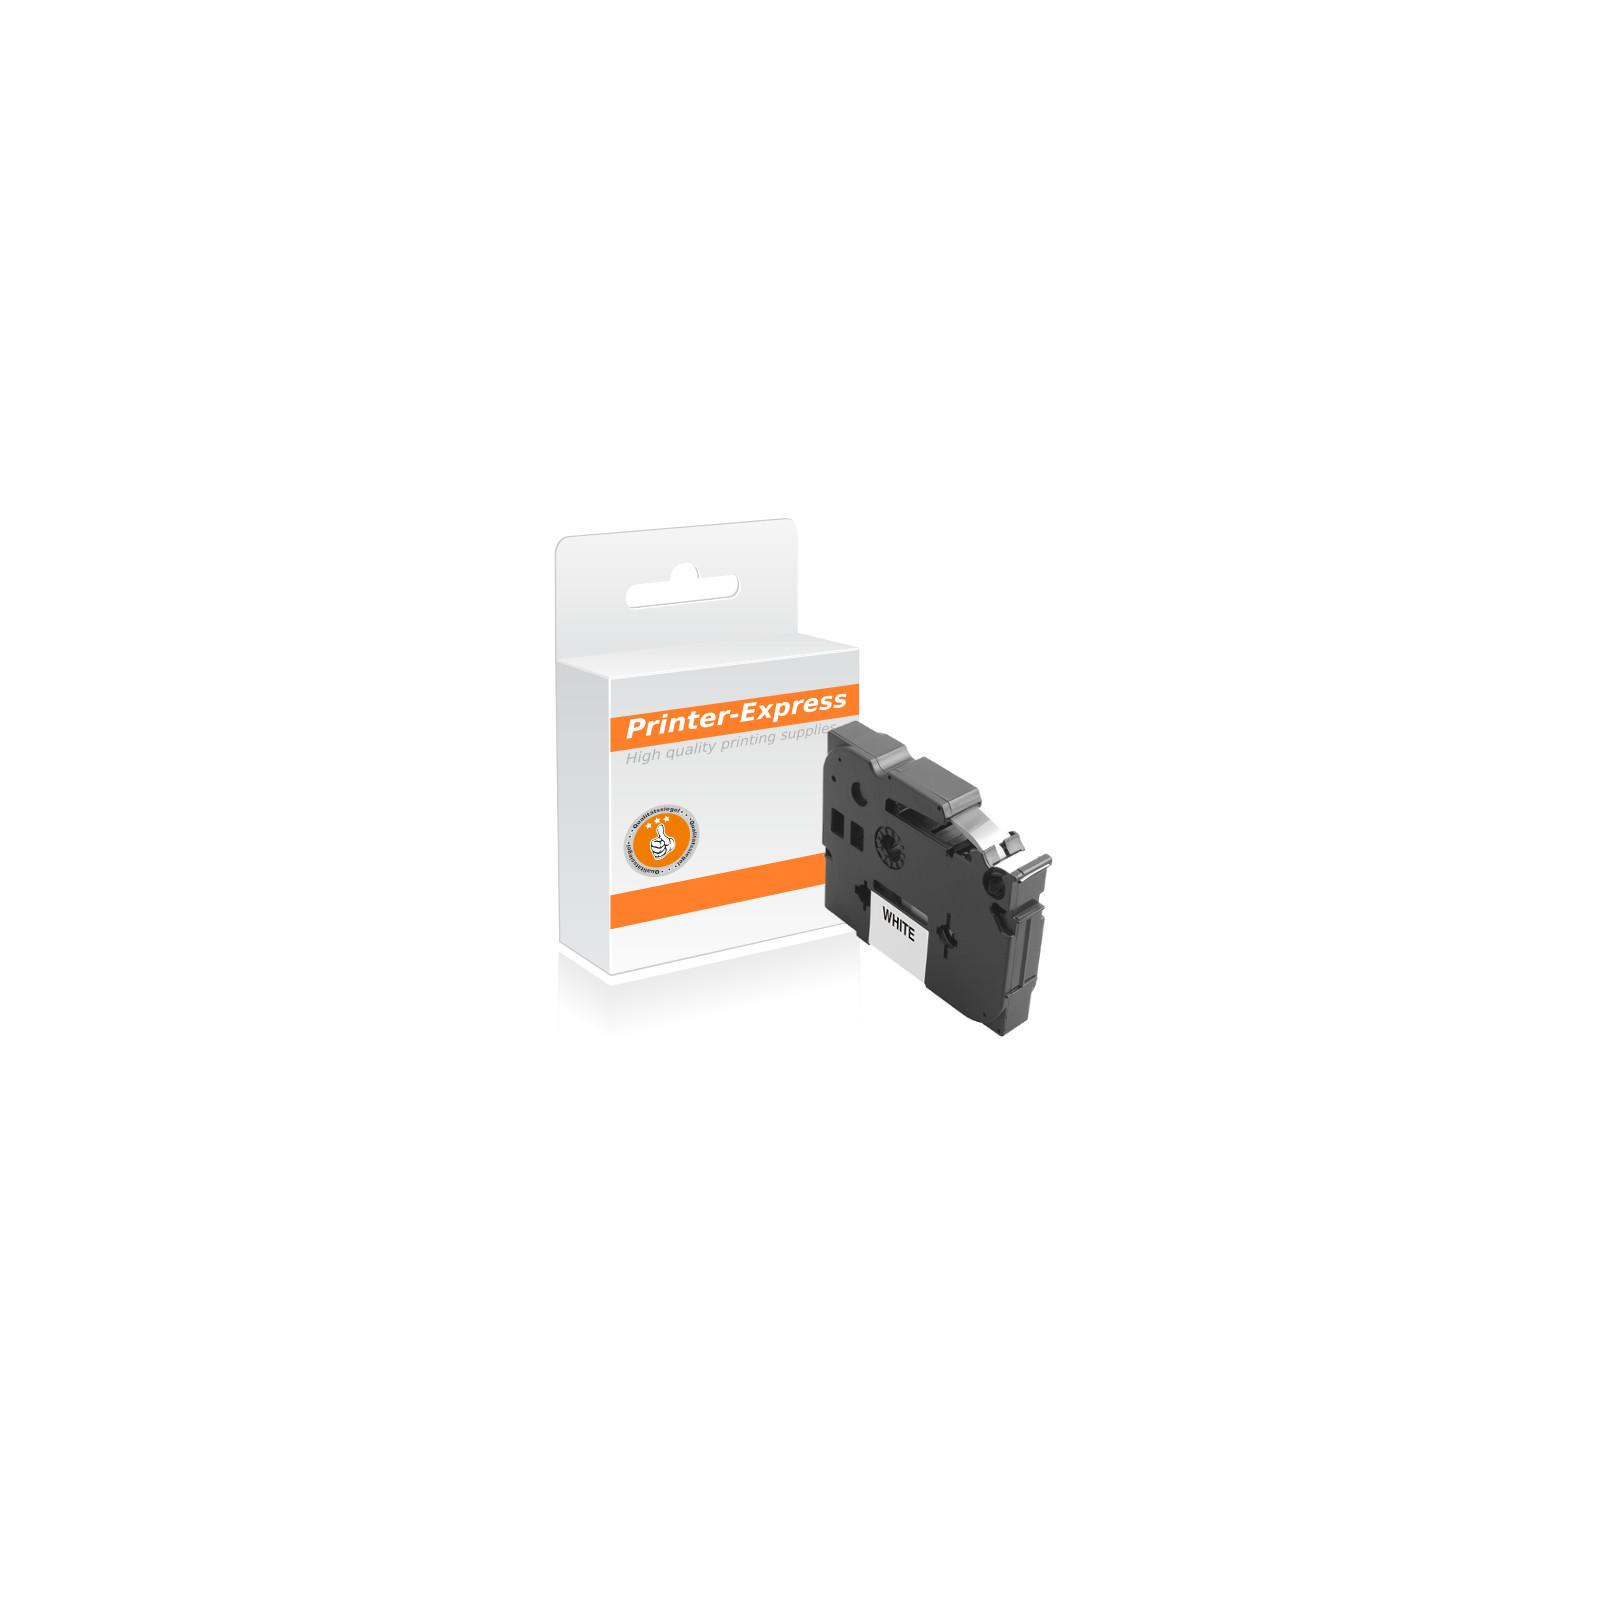 Kompatibel für Brother TZ-211 TZe-211 P-Touch Schwarz auf Weiß Schriftband 6 mm